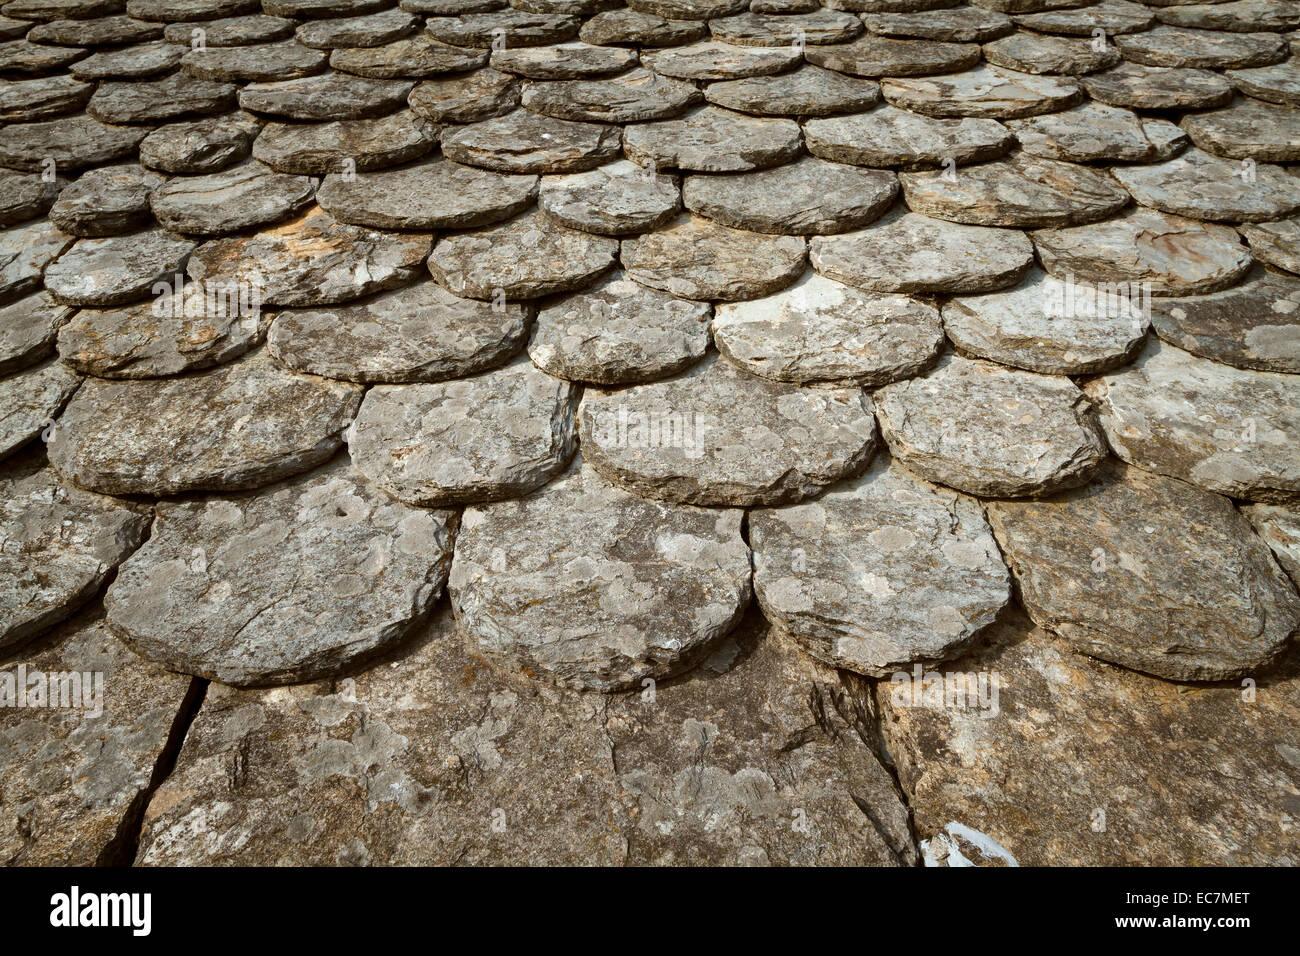 Tradizionale tetto di scisti cevennes, Francia. Immagini Stock